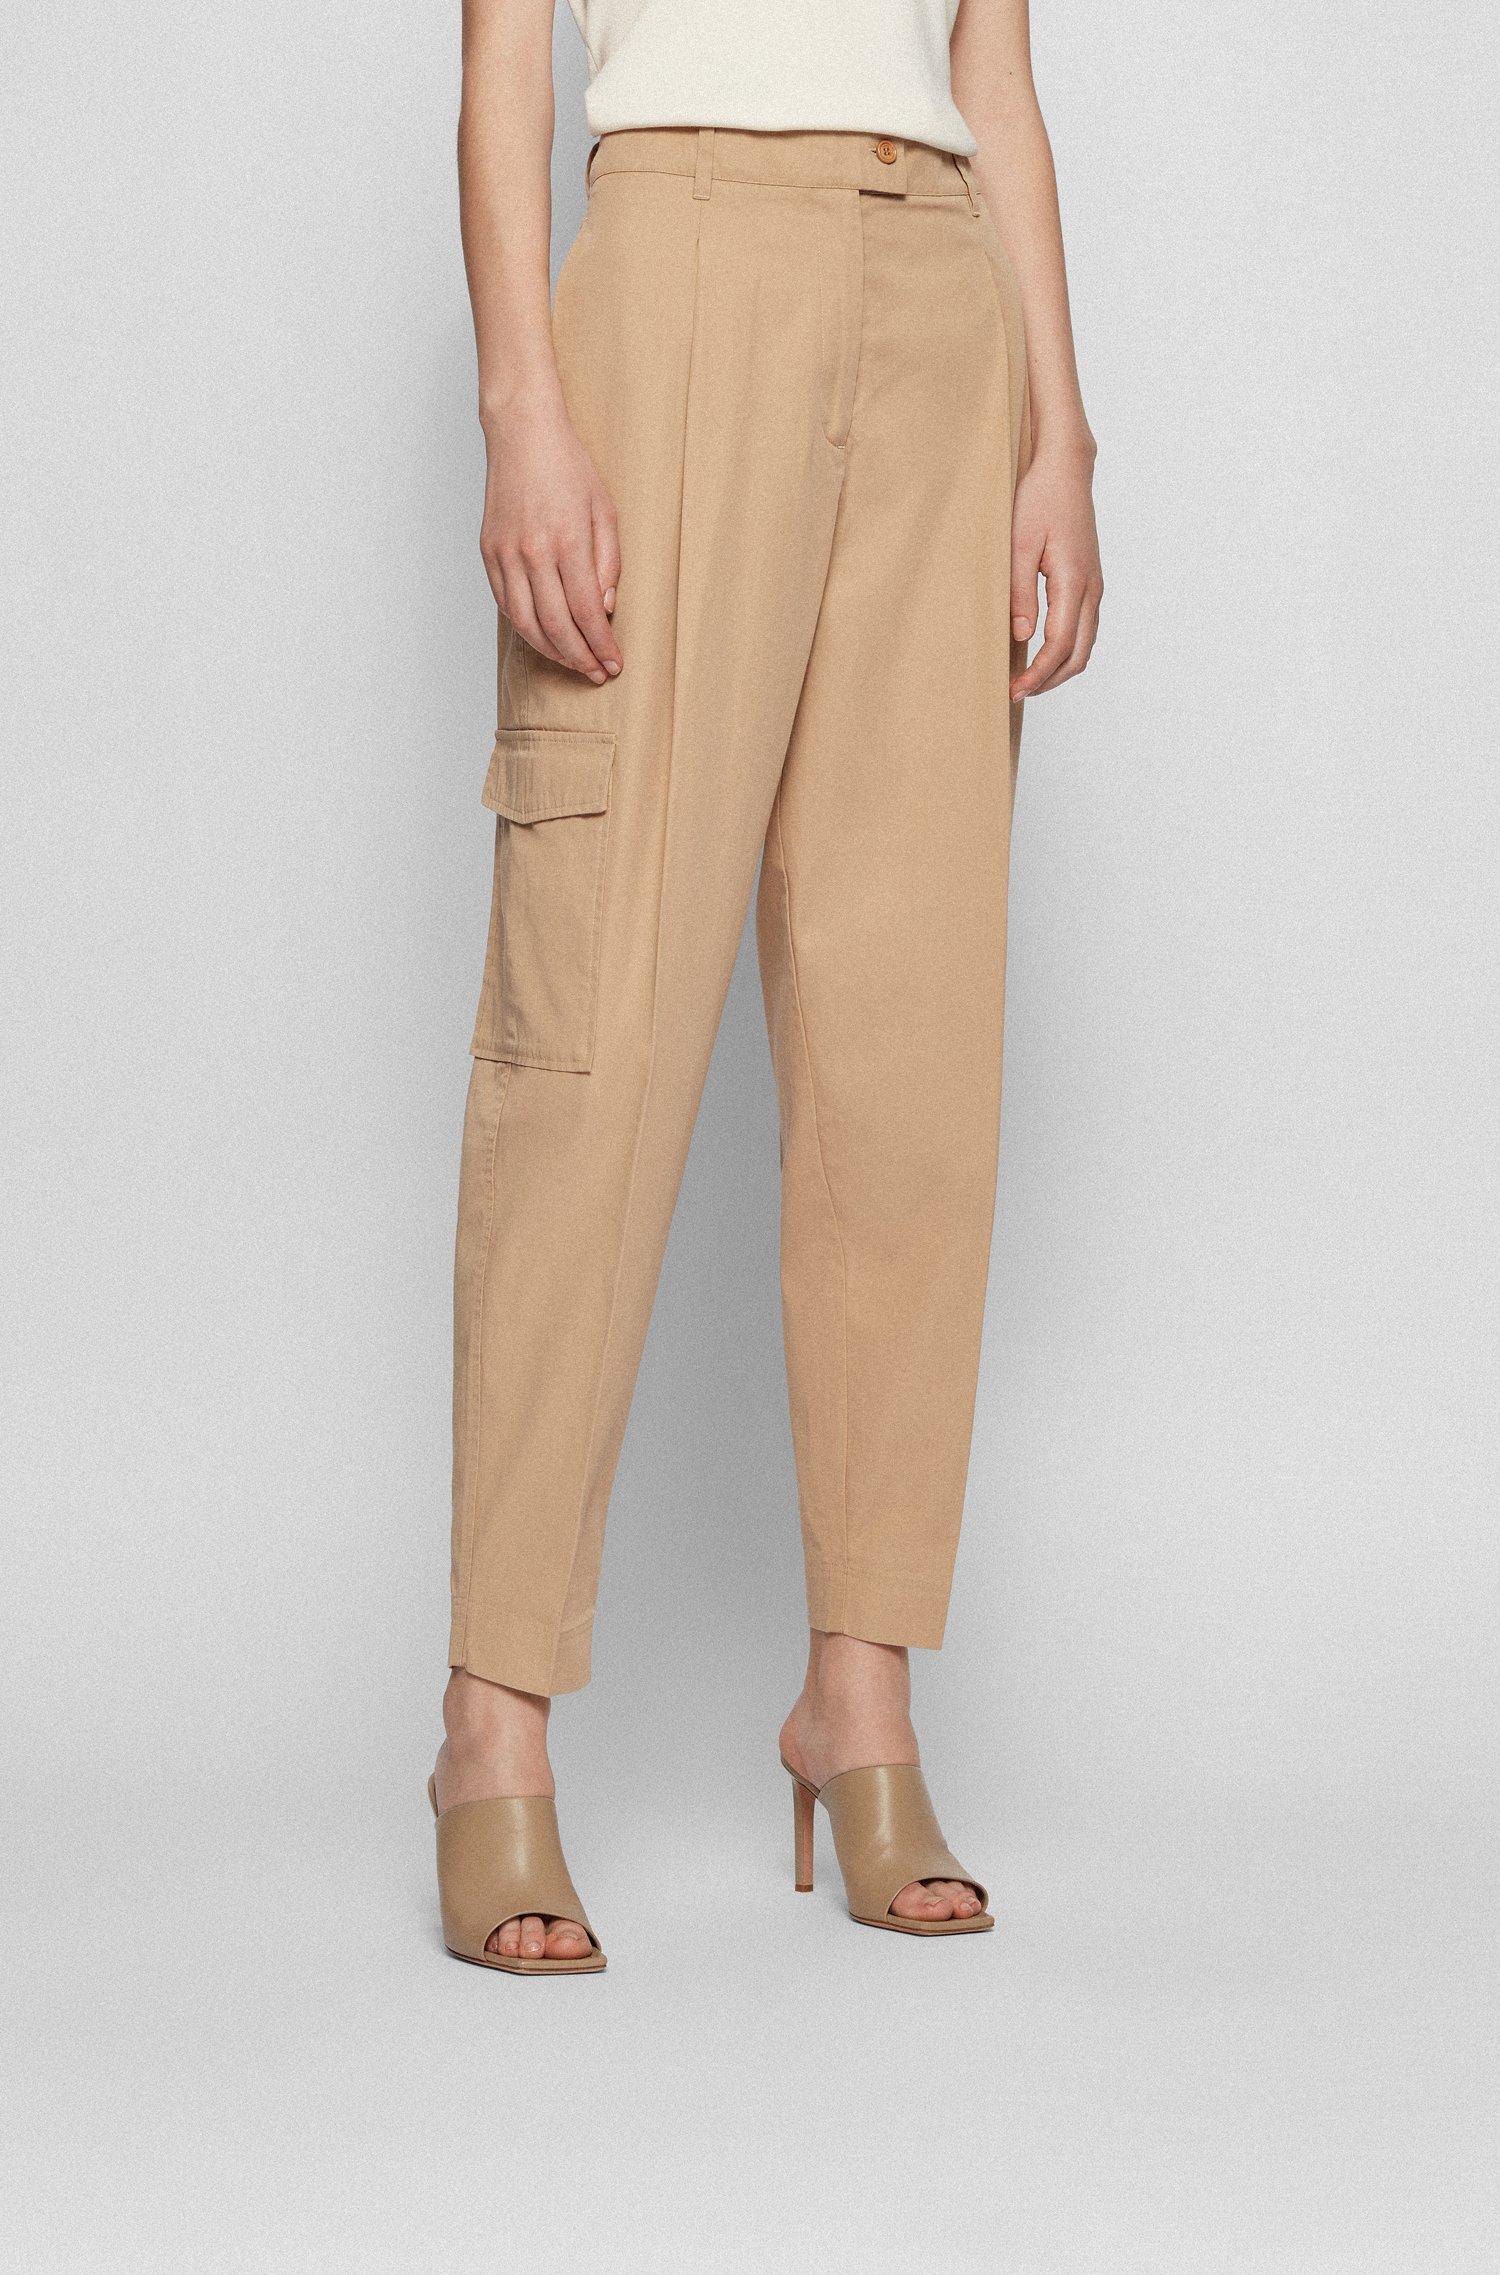 Pantalon Relaxed Fit en twill de coton mélangé, Beige